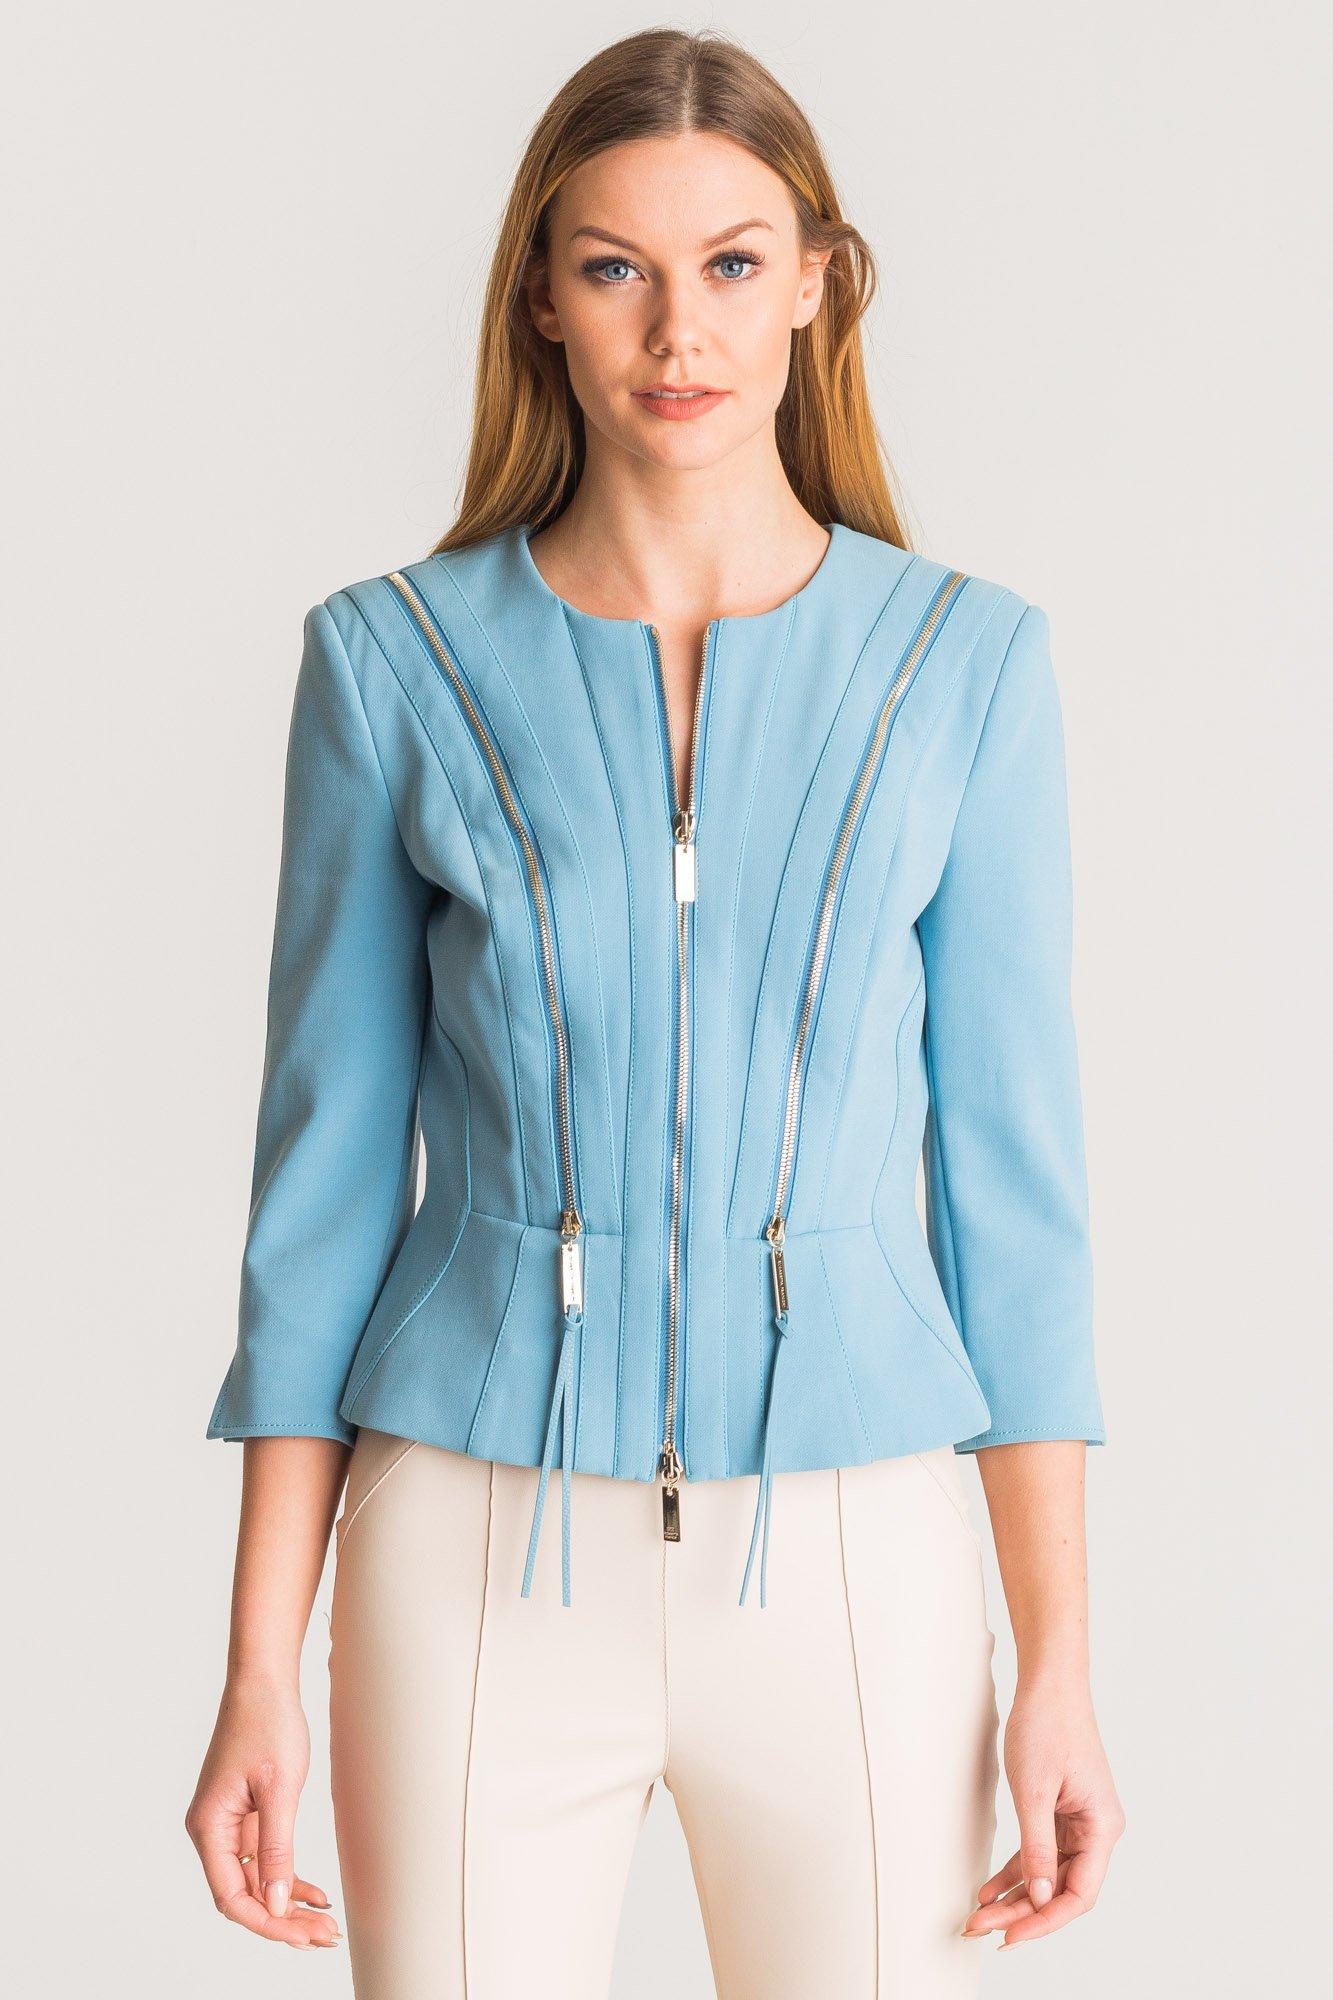 3baf45ab97 ... Niebieski żakiet Elisabetta Franchi z ozdobnymi zamkami ...